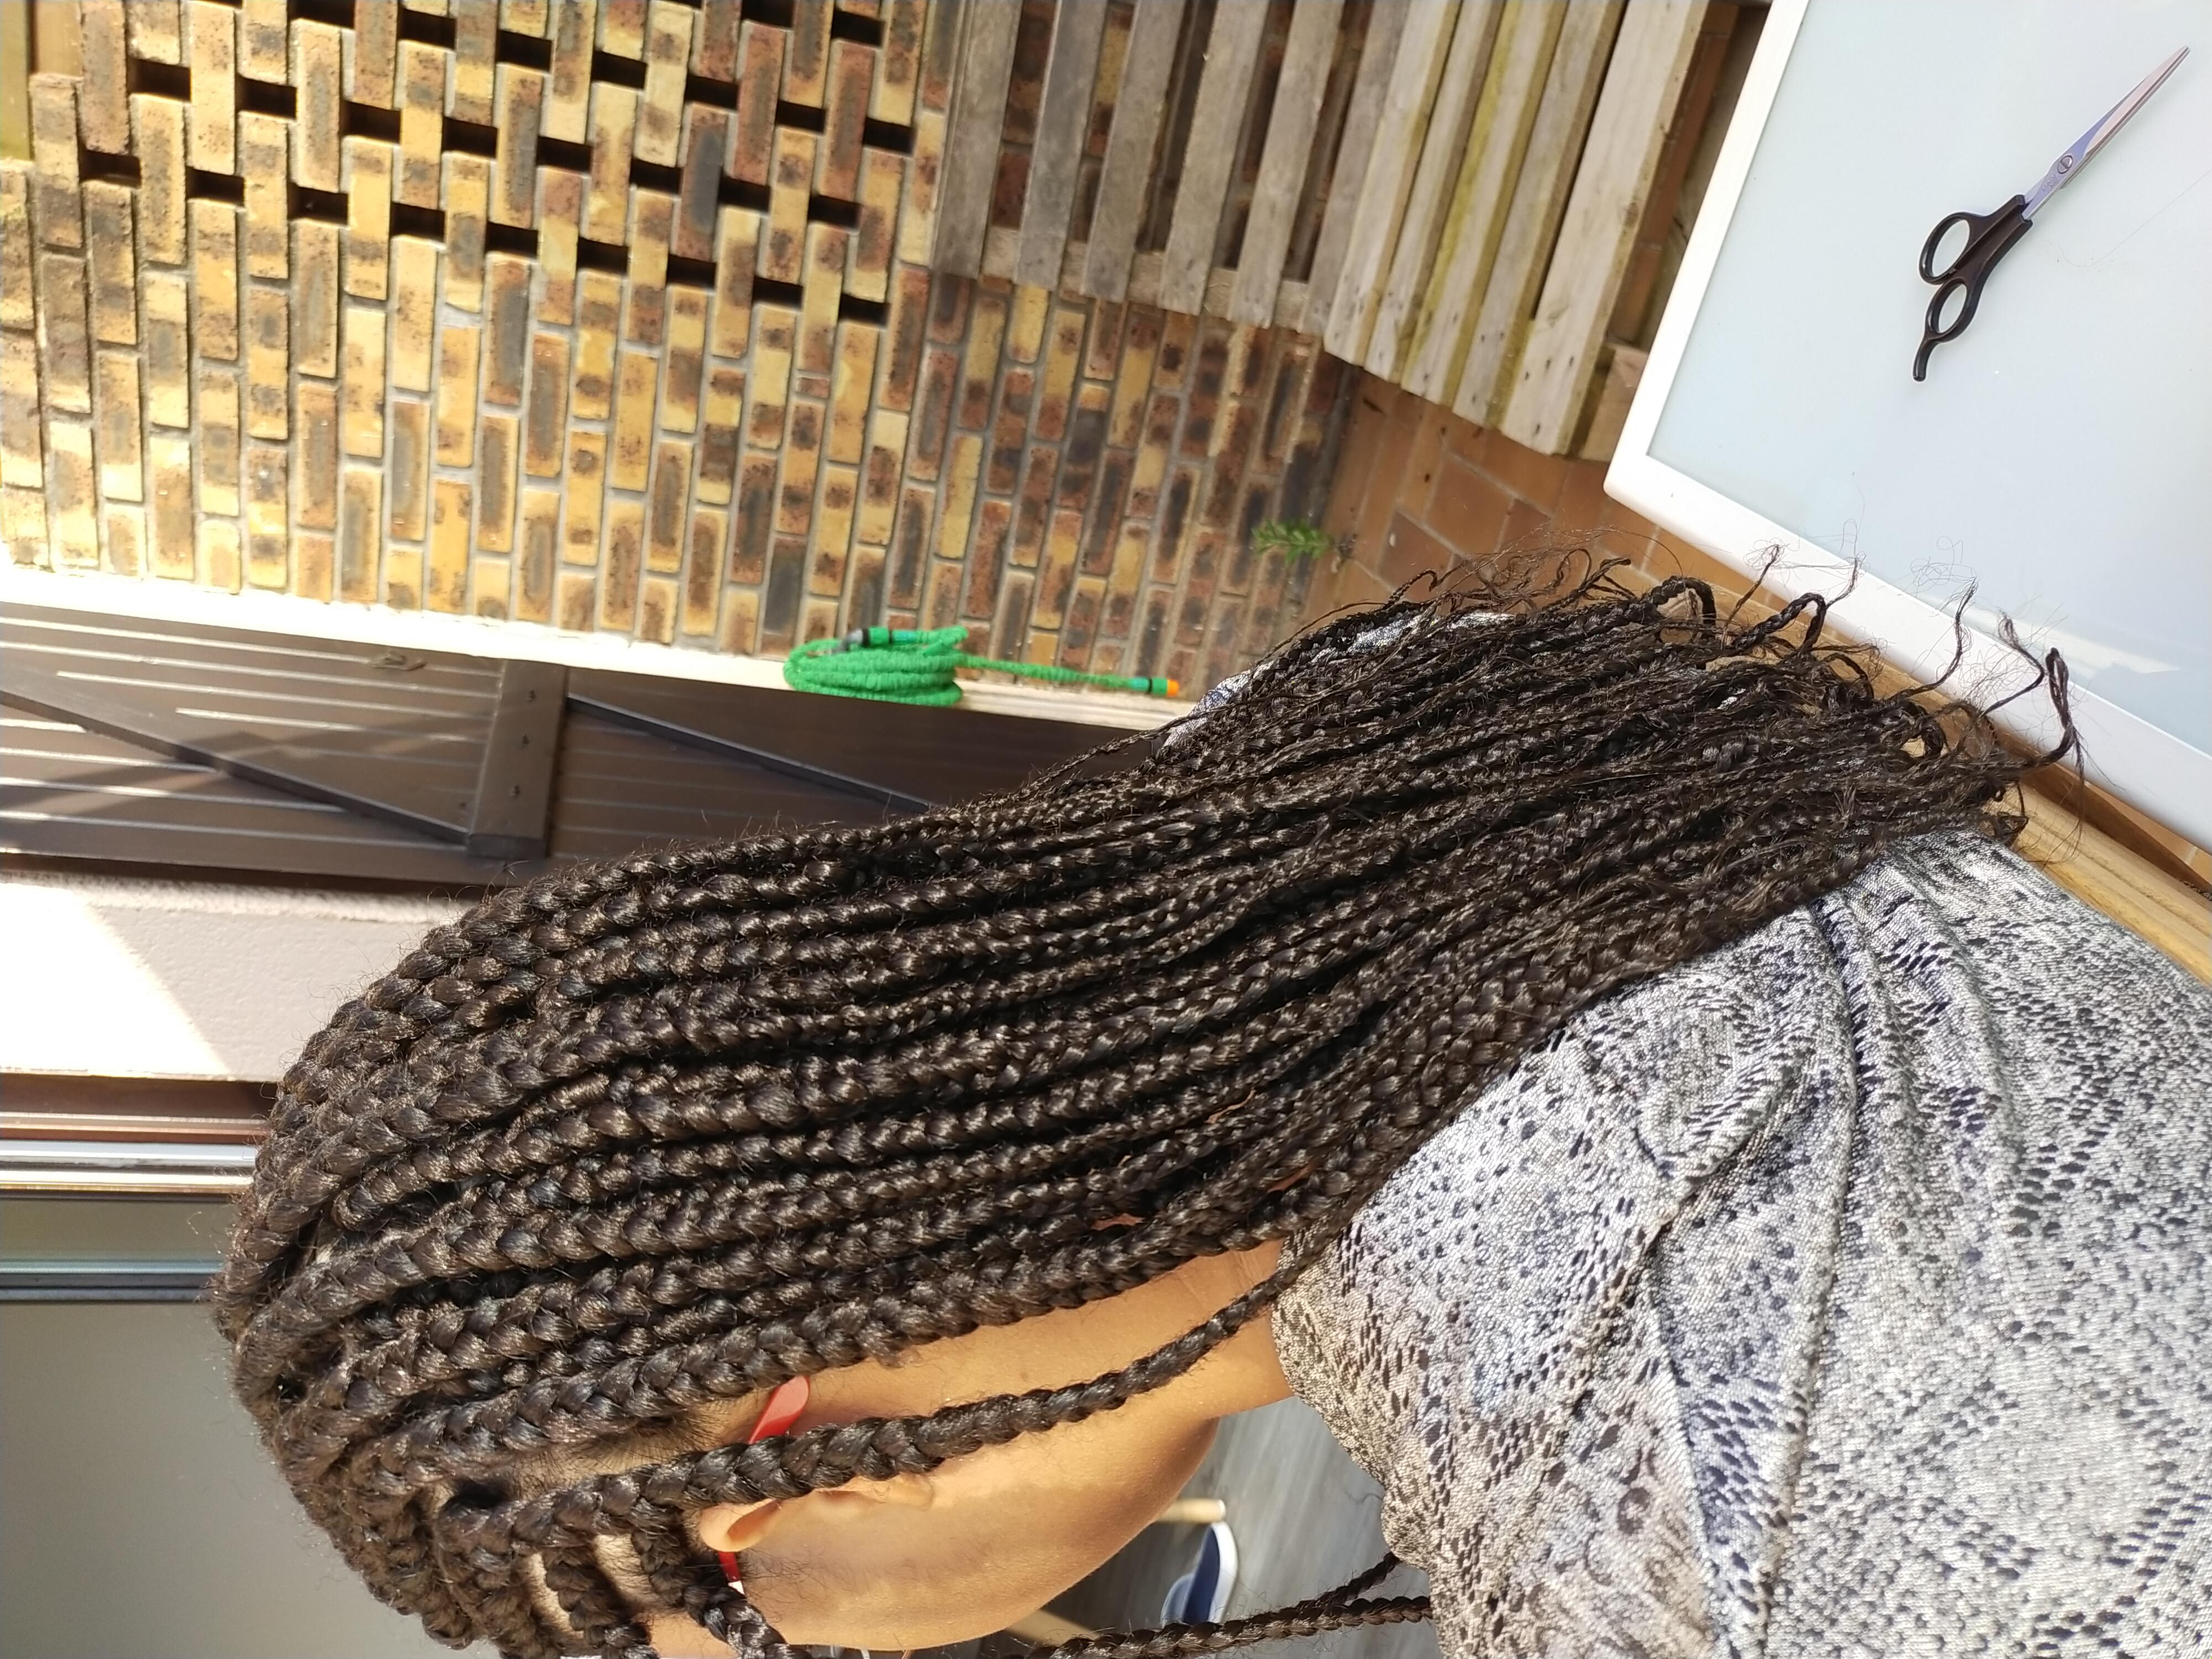 salon de coiffure afro tresse tresses box braids crochet braids vanilles tissages paris 75 77 78 91 92 93 94 95 MDDMMNZJ